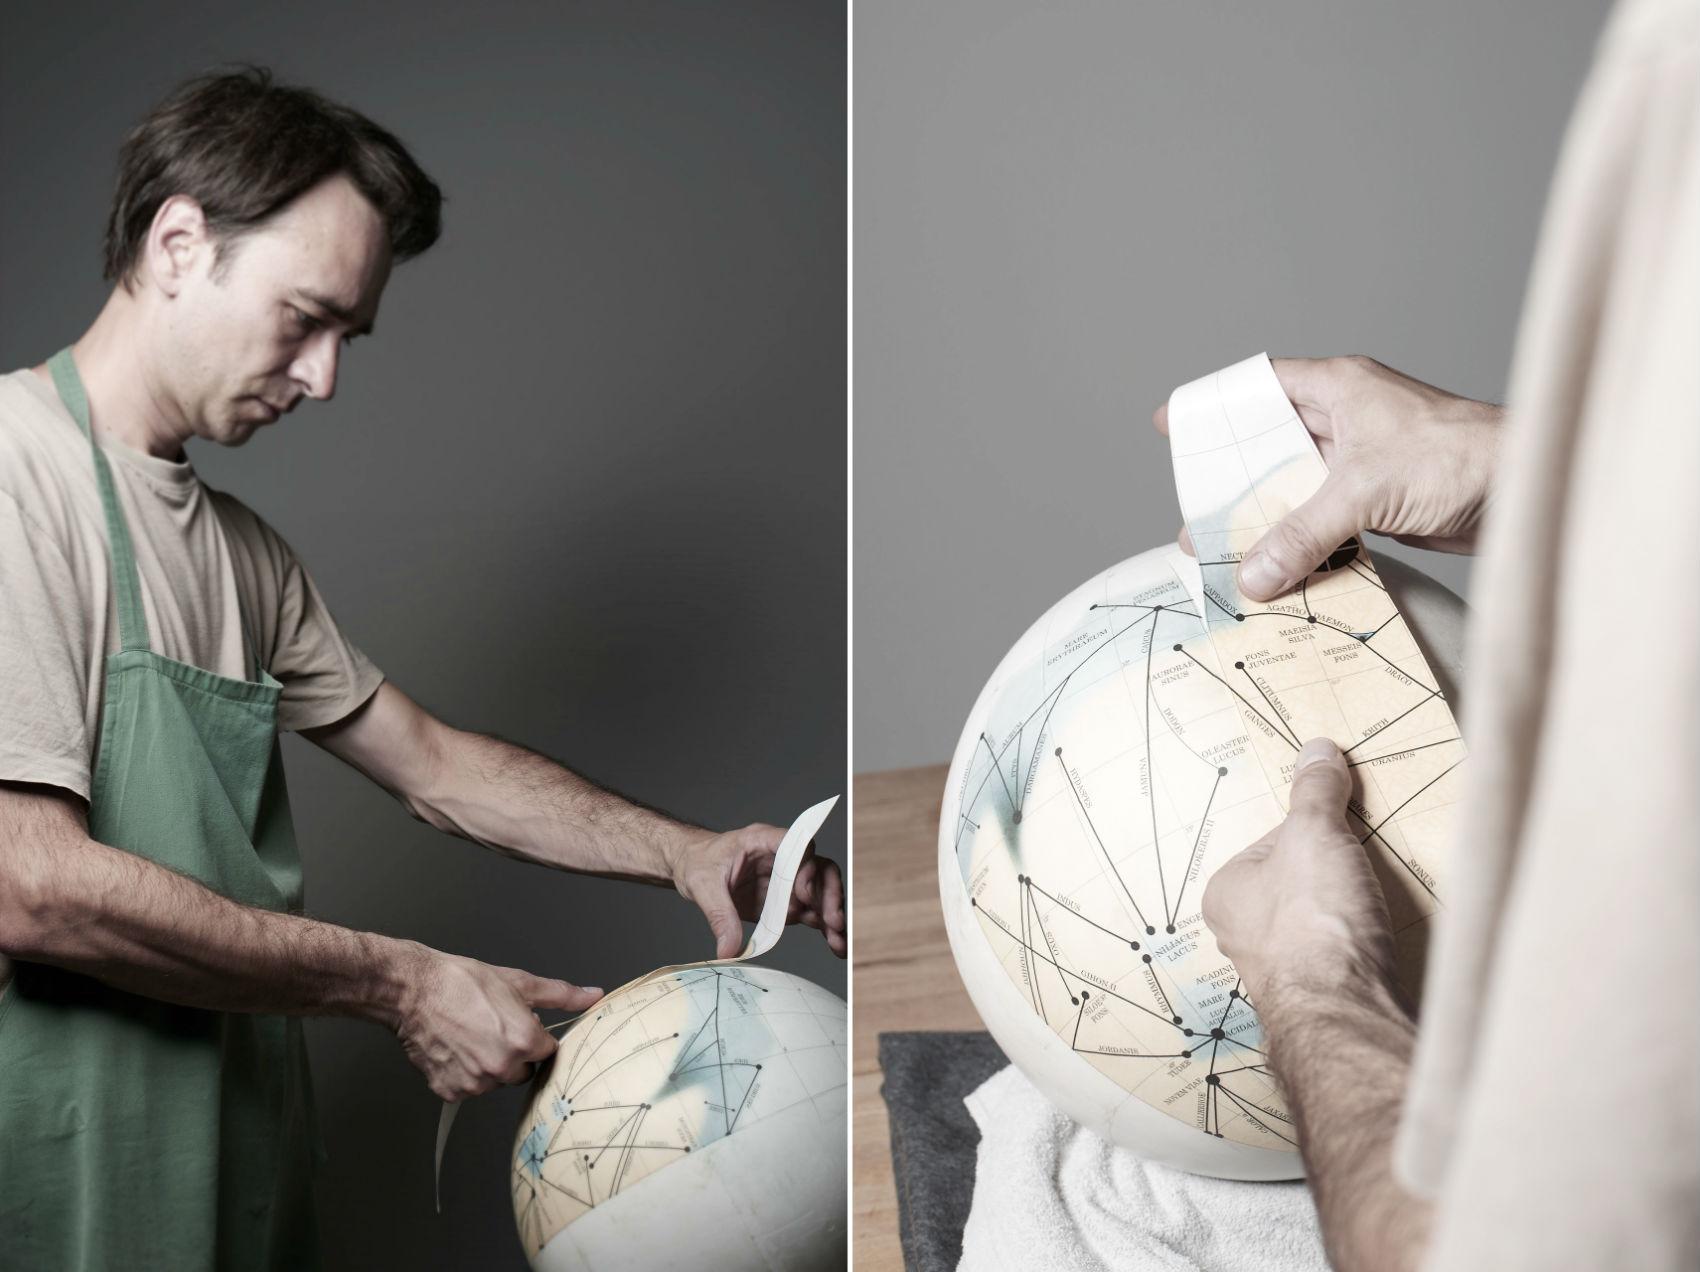 Mars Globes, Michael Plichta al lavoro su un mappamondo